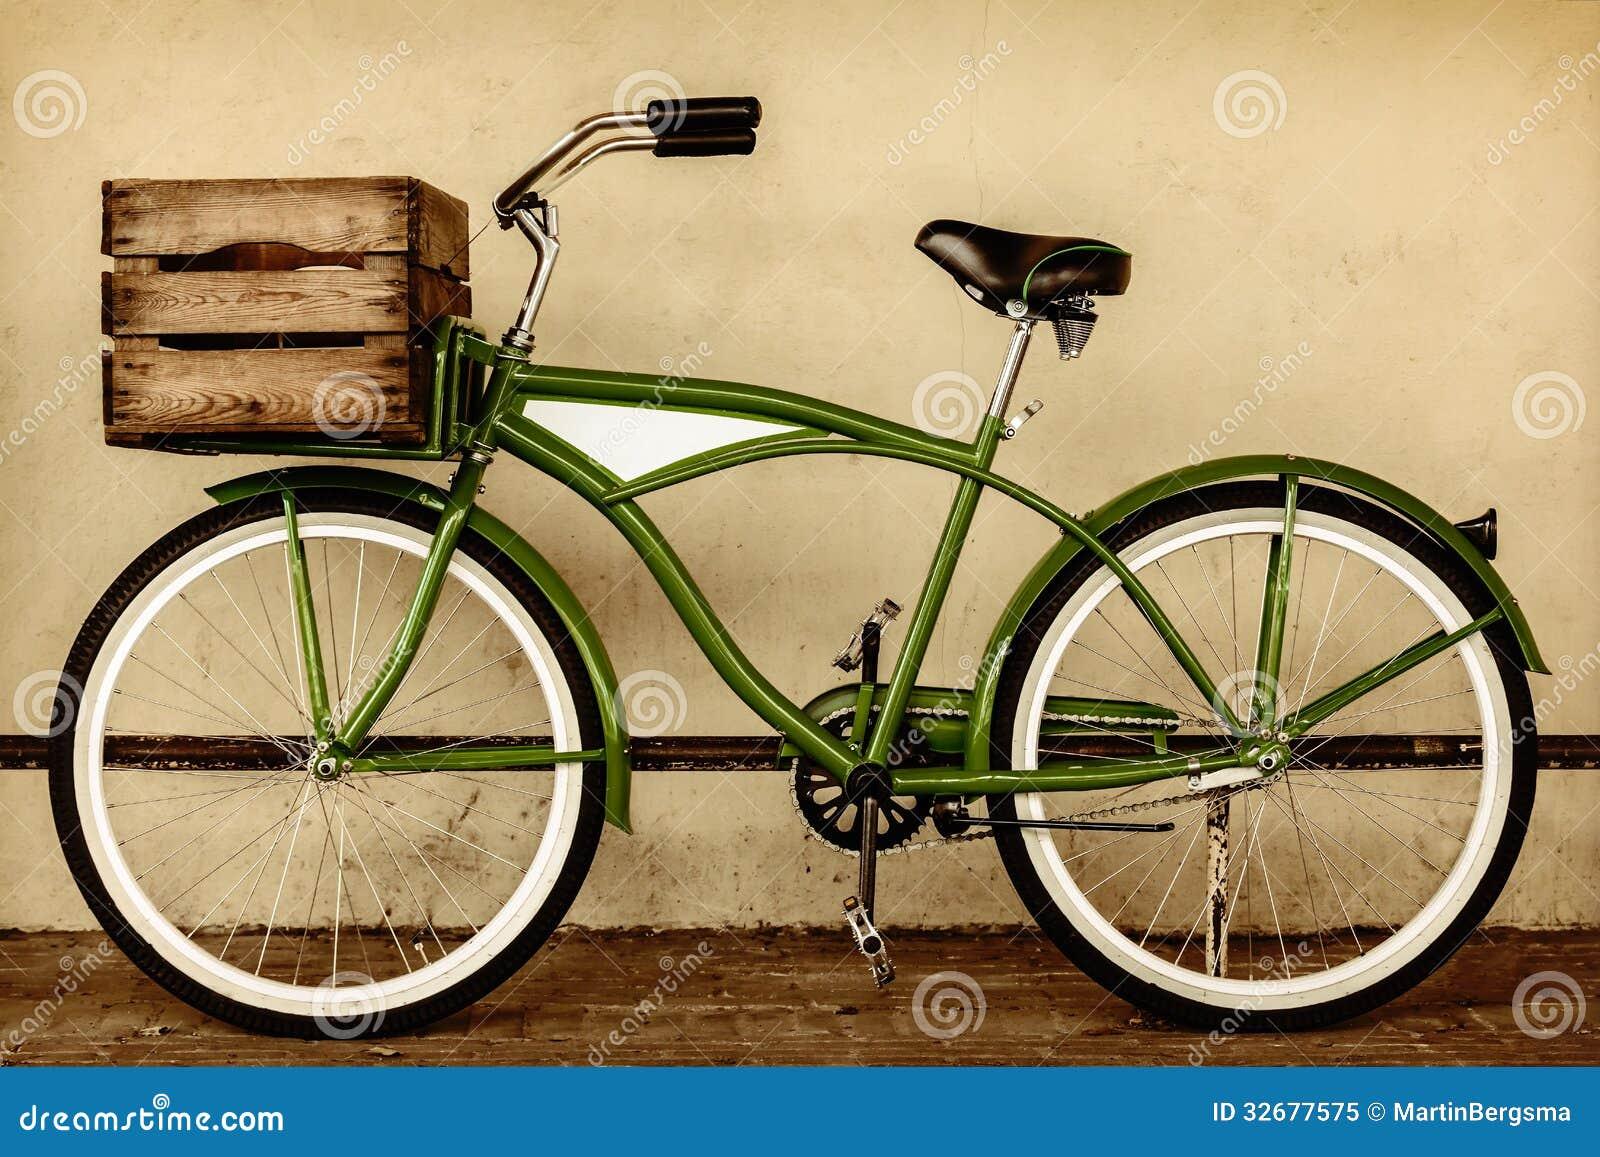 Imagem denominada retro do sepia de uma bicicleta do vintage com caixa de madeira